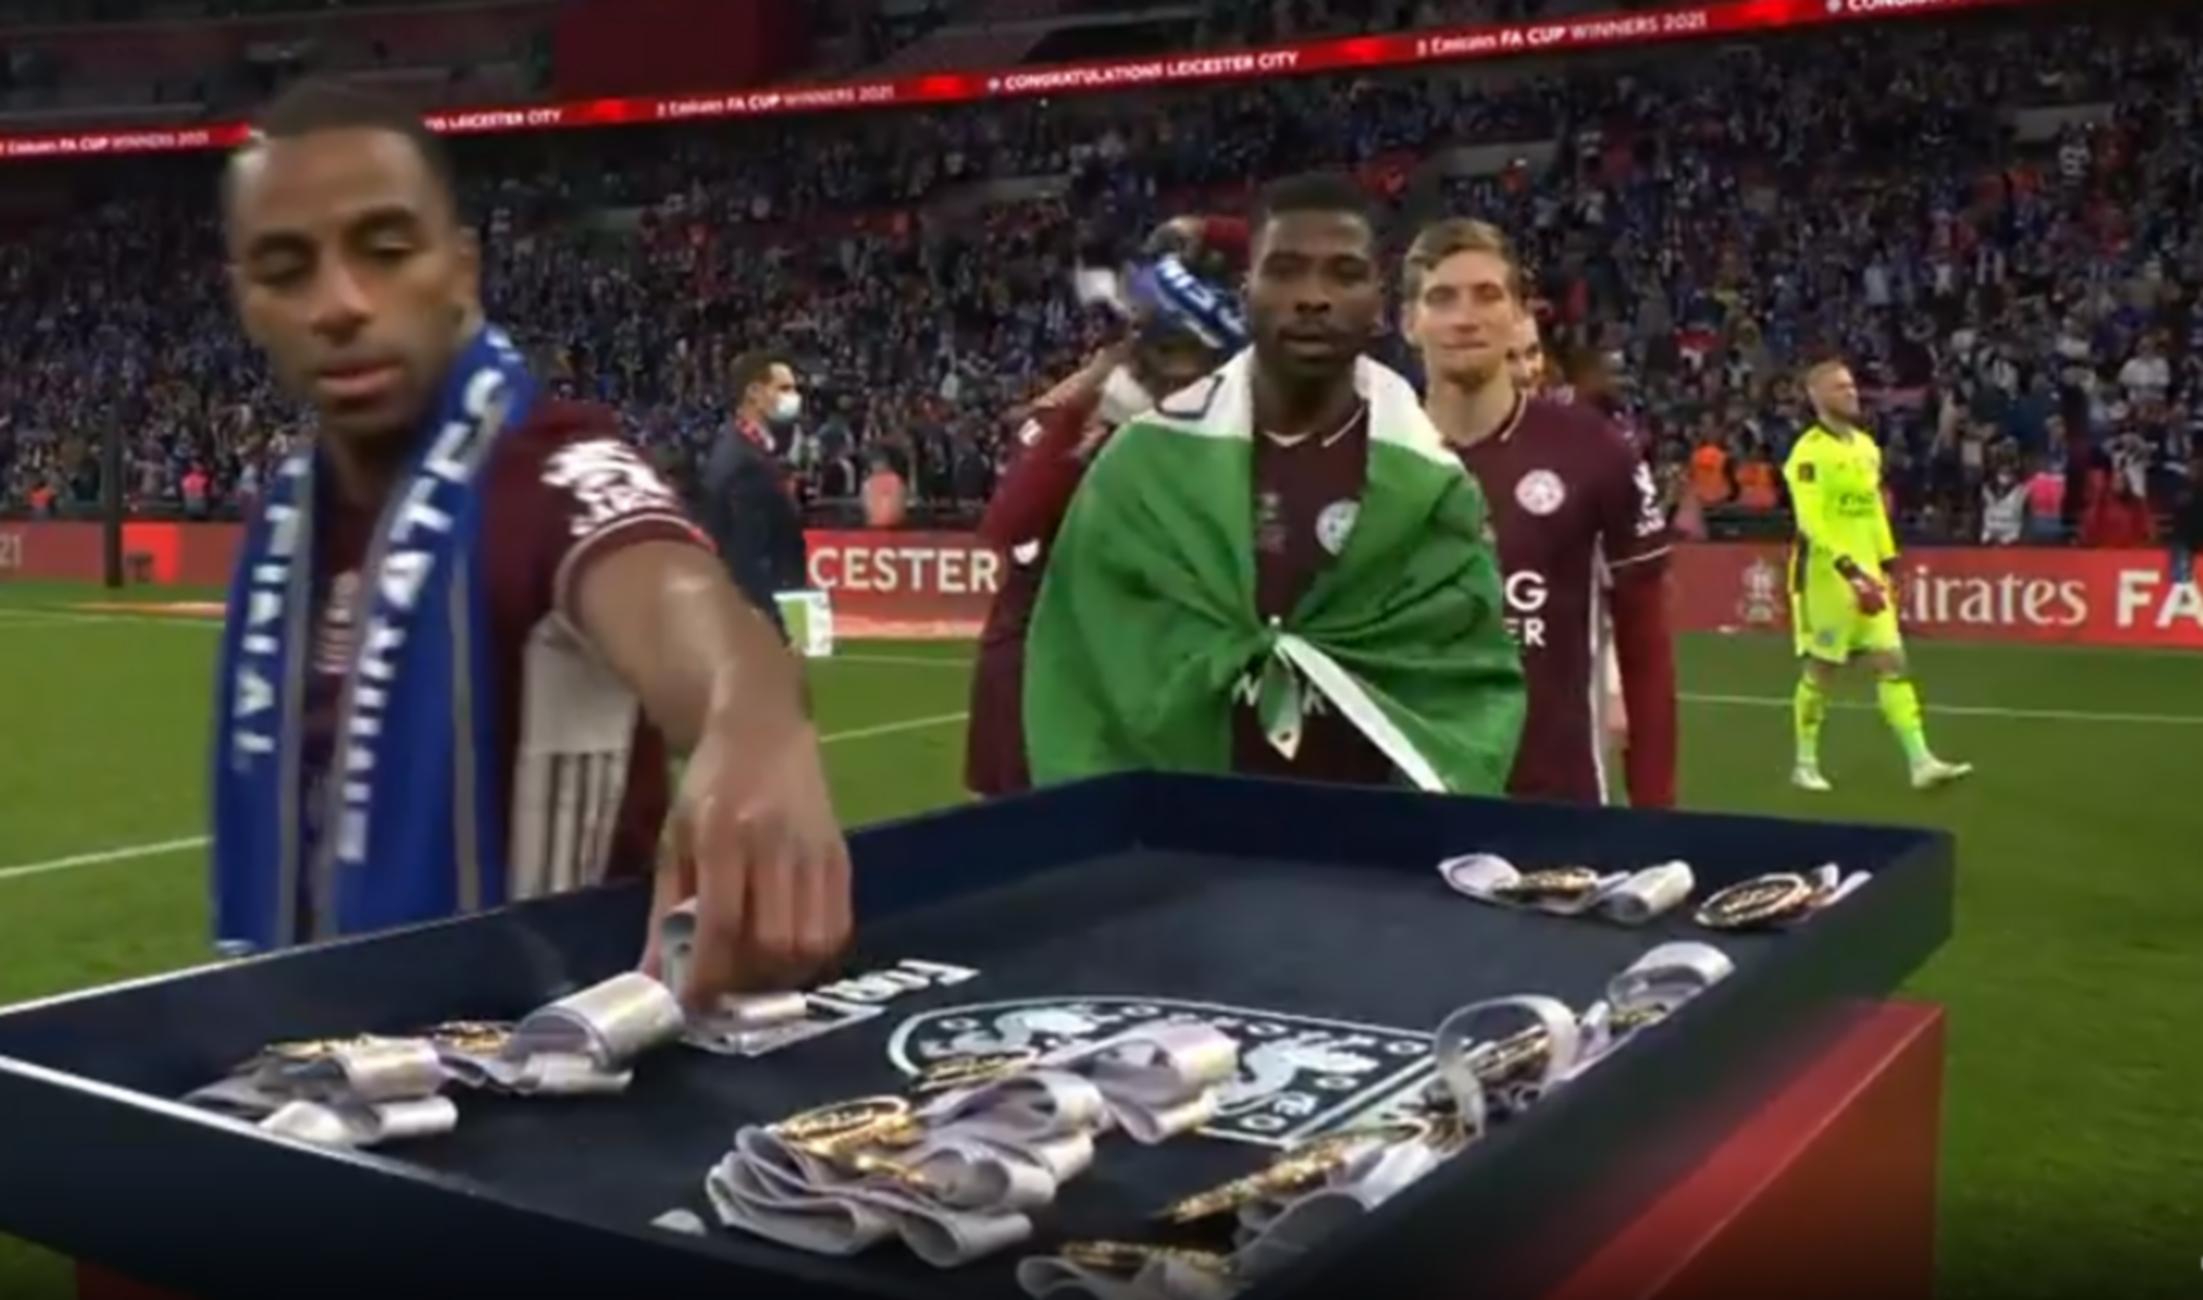 Κύπελλο Αγγλίας: Με σημαίες της Παλαιστίνης δύο παίκτες της Λέστερ